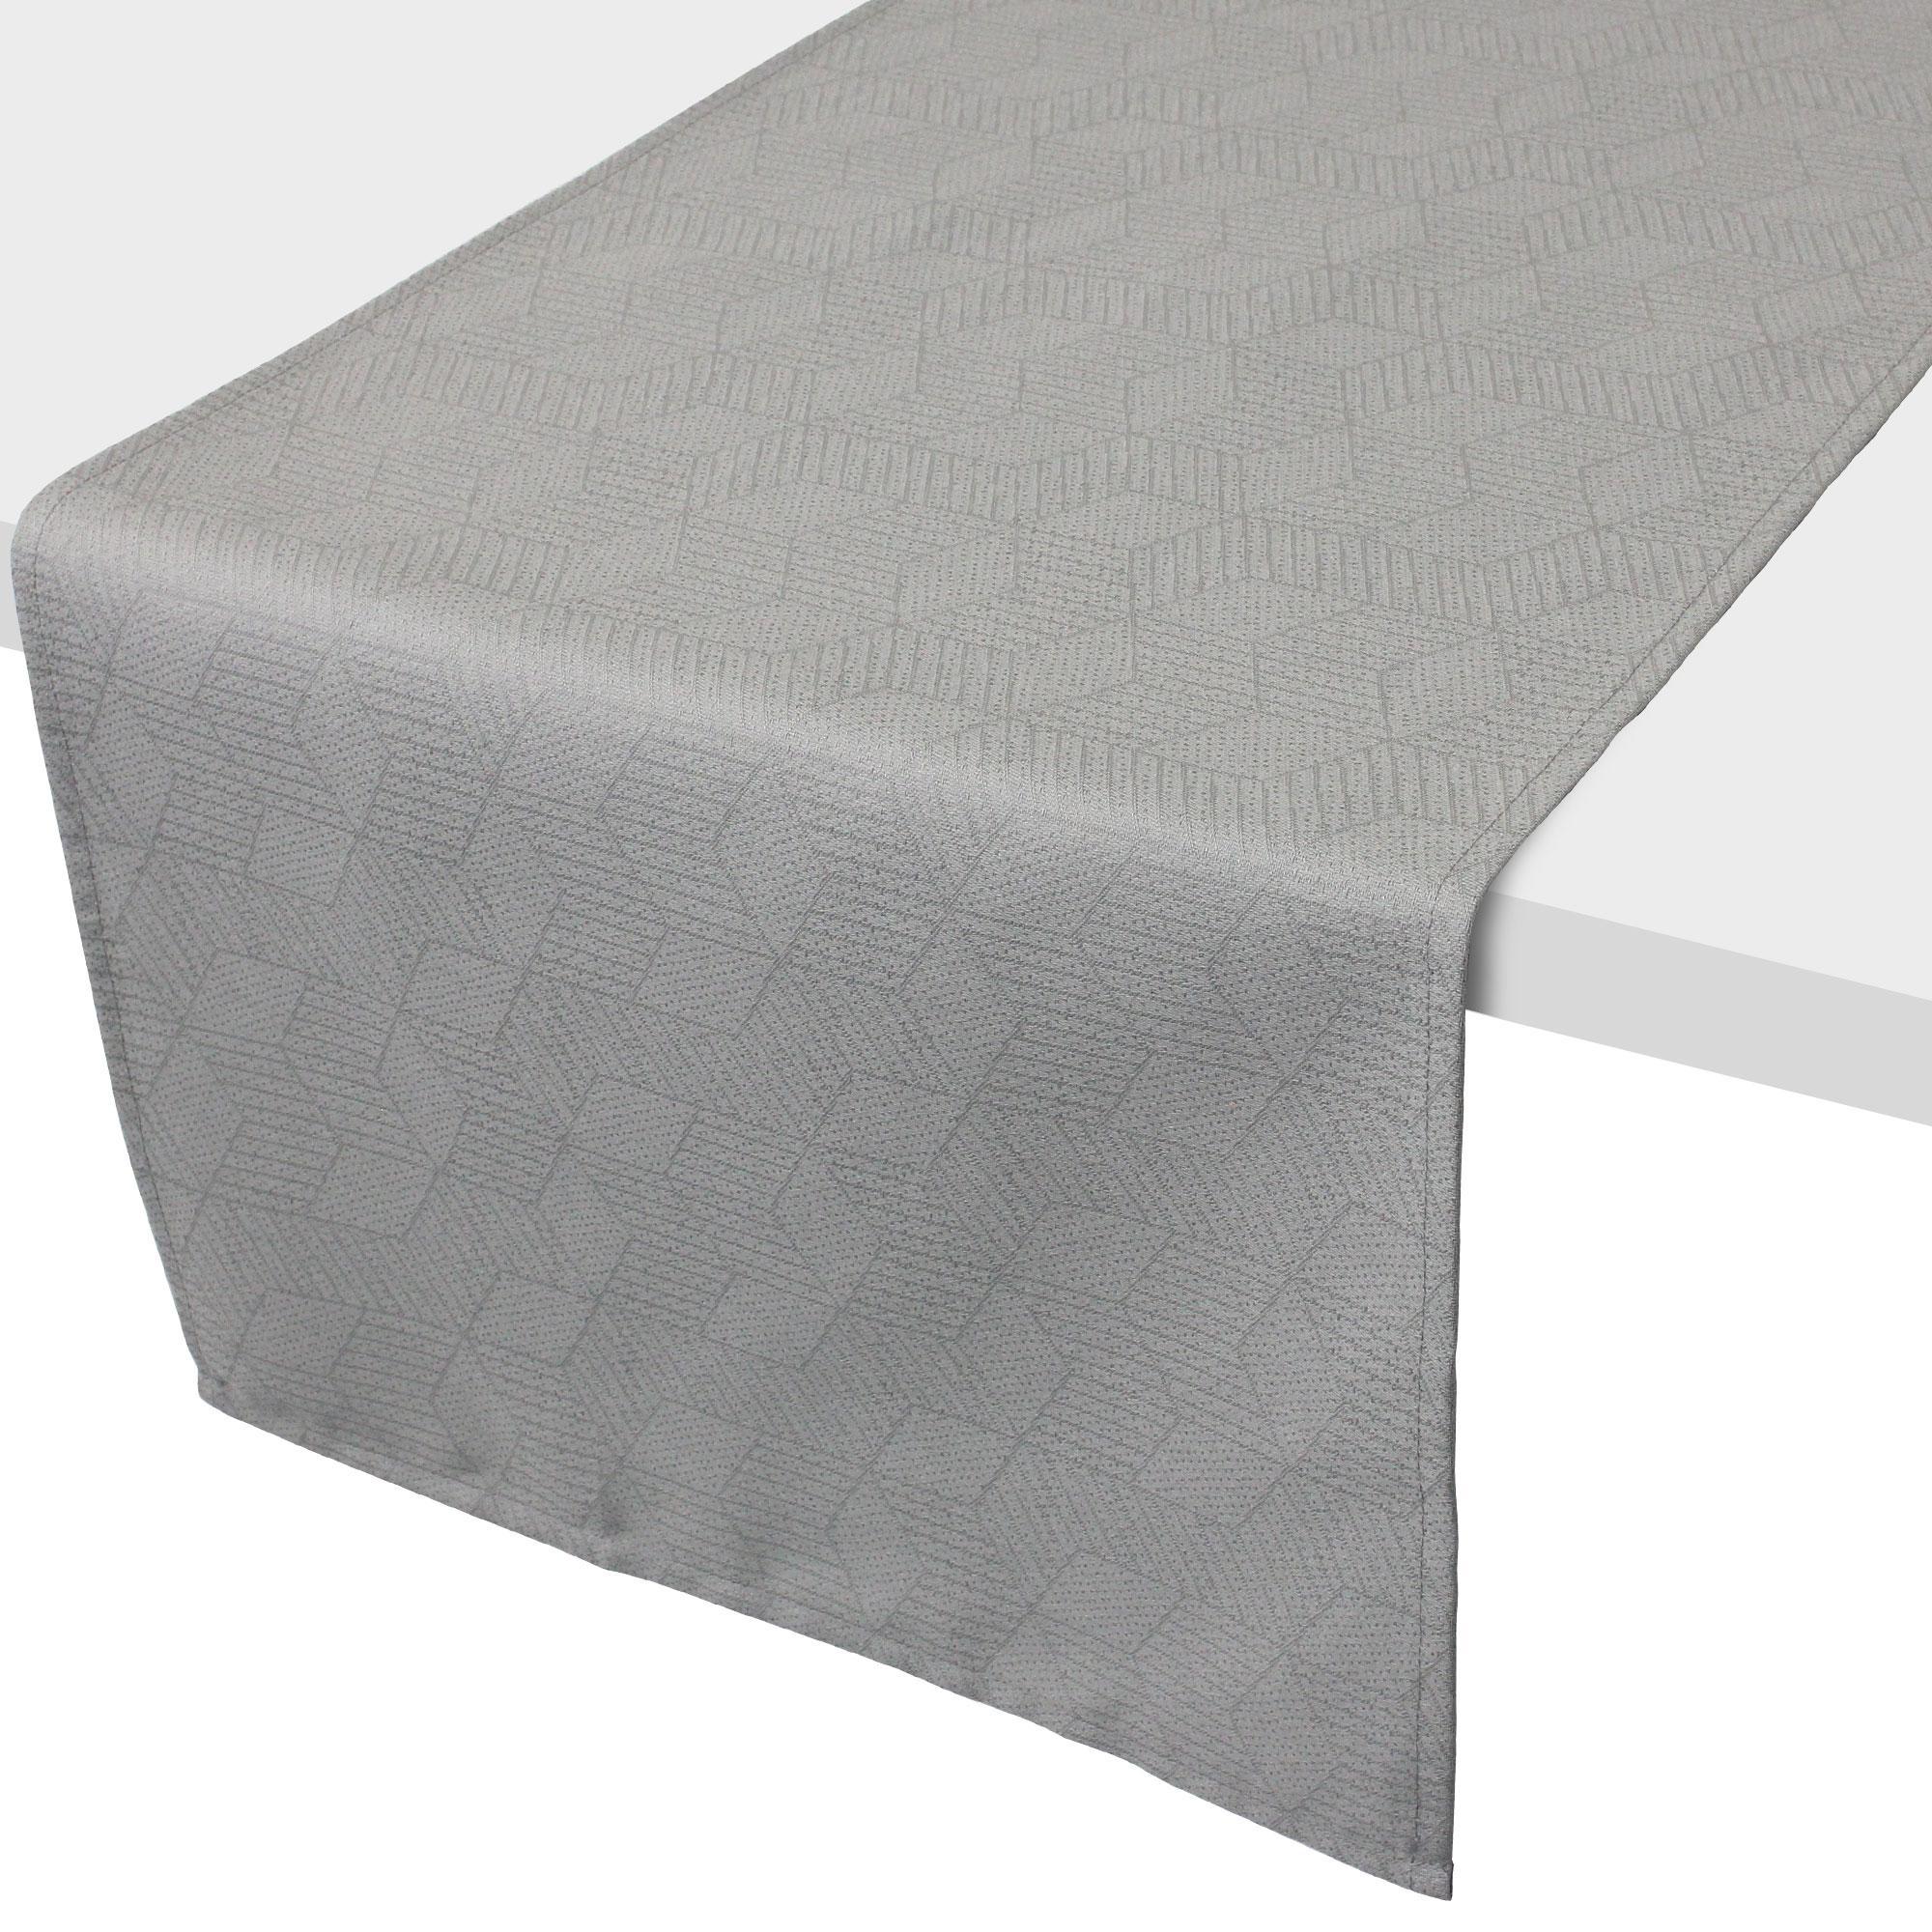 Chemin de table 45x150 cm jacquard 100 coton cube gris perle linnea linge de maison et - Chemin de table gris perle ...